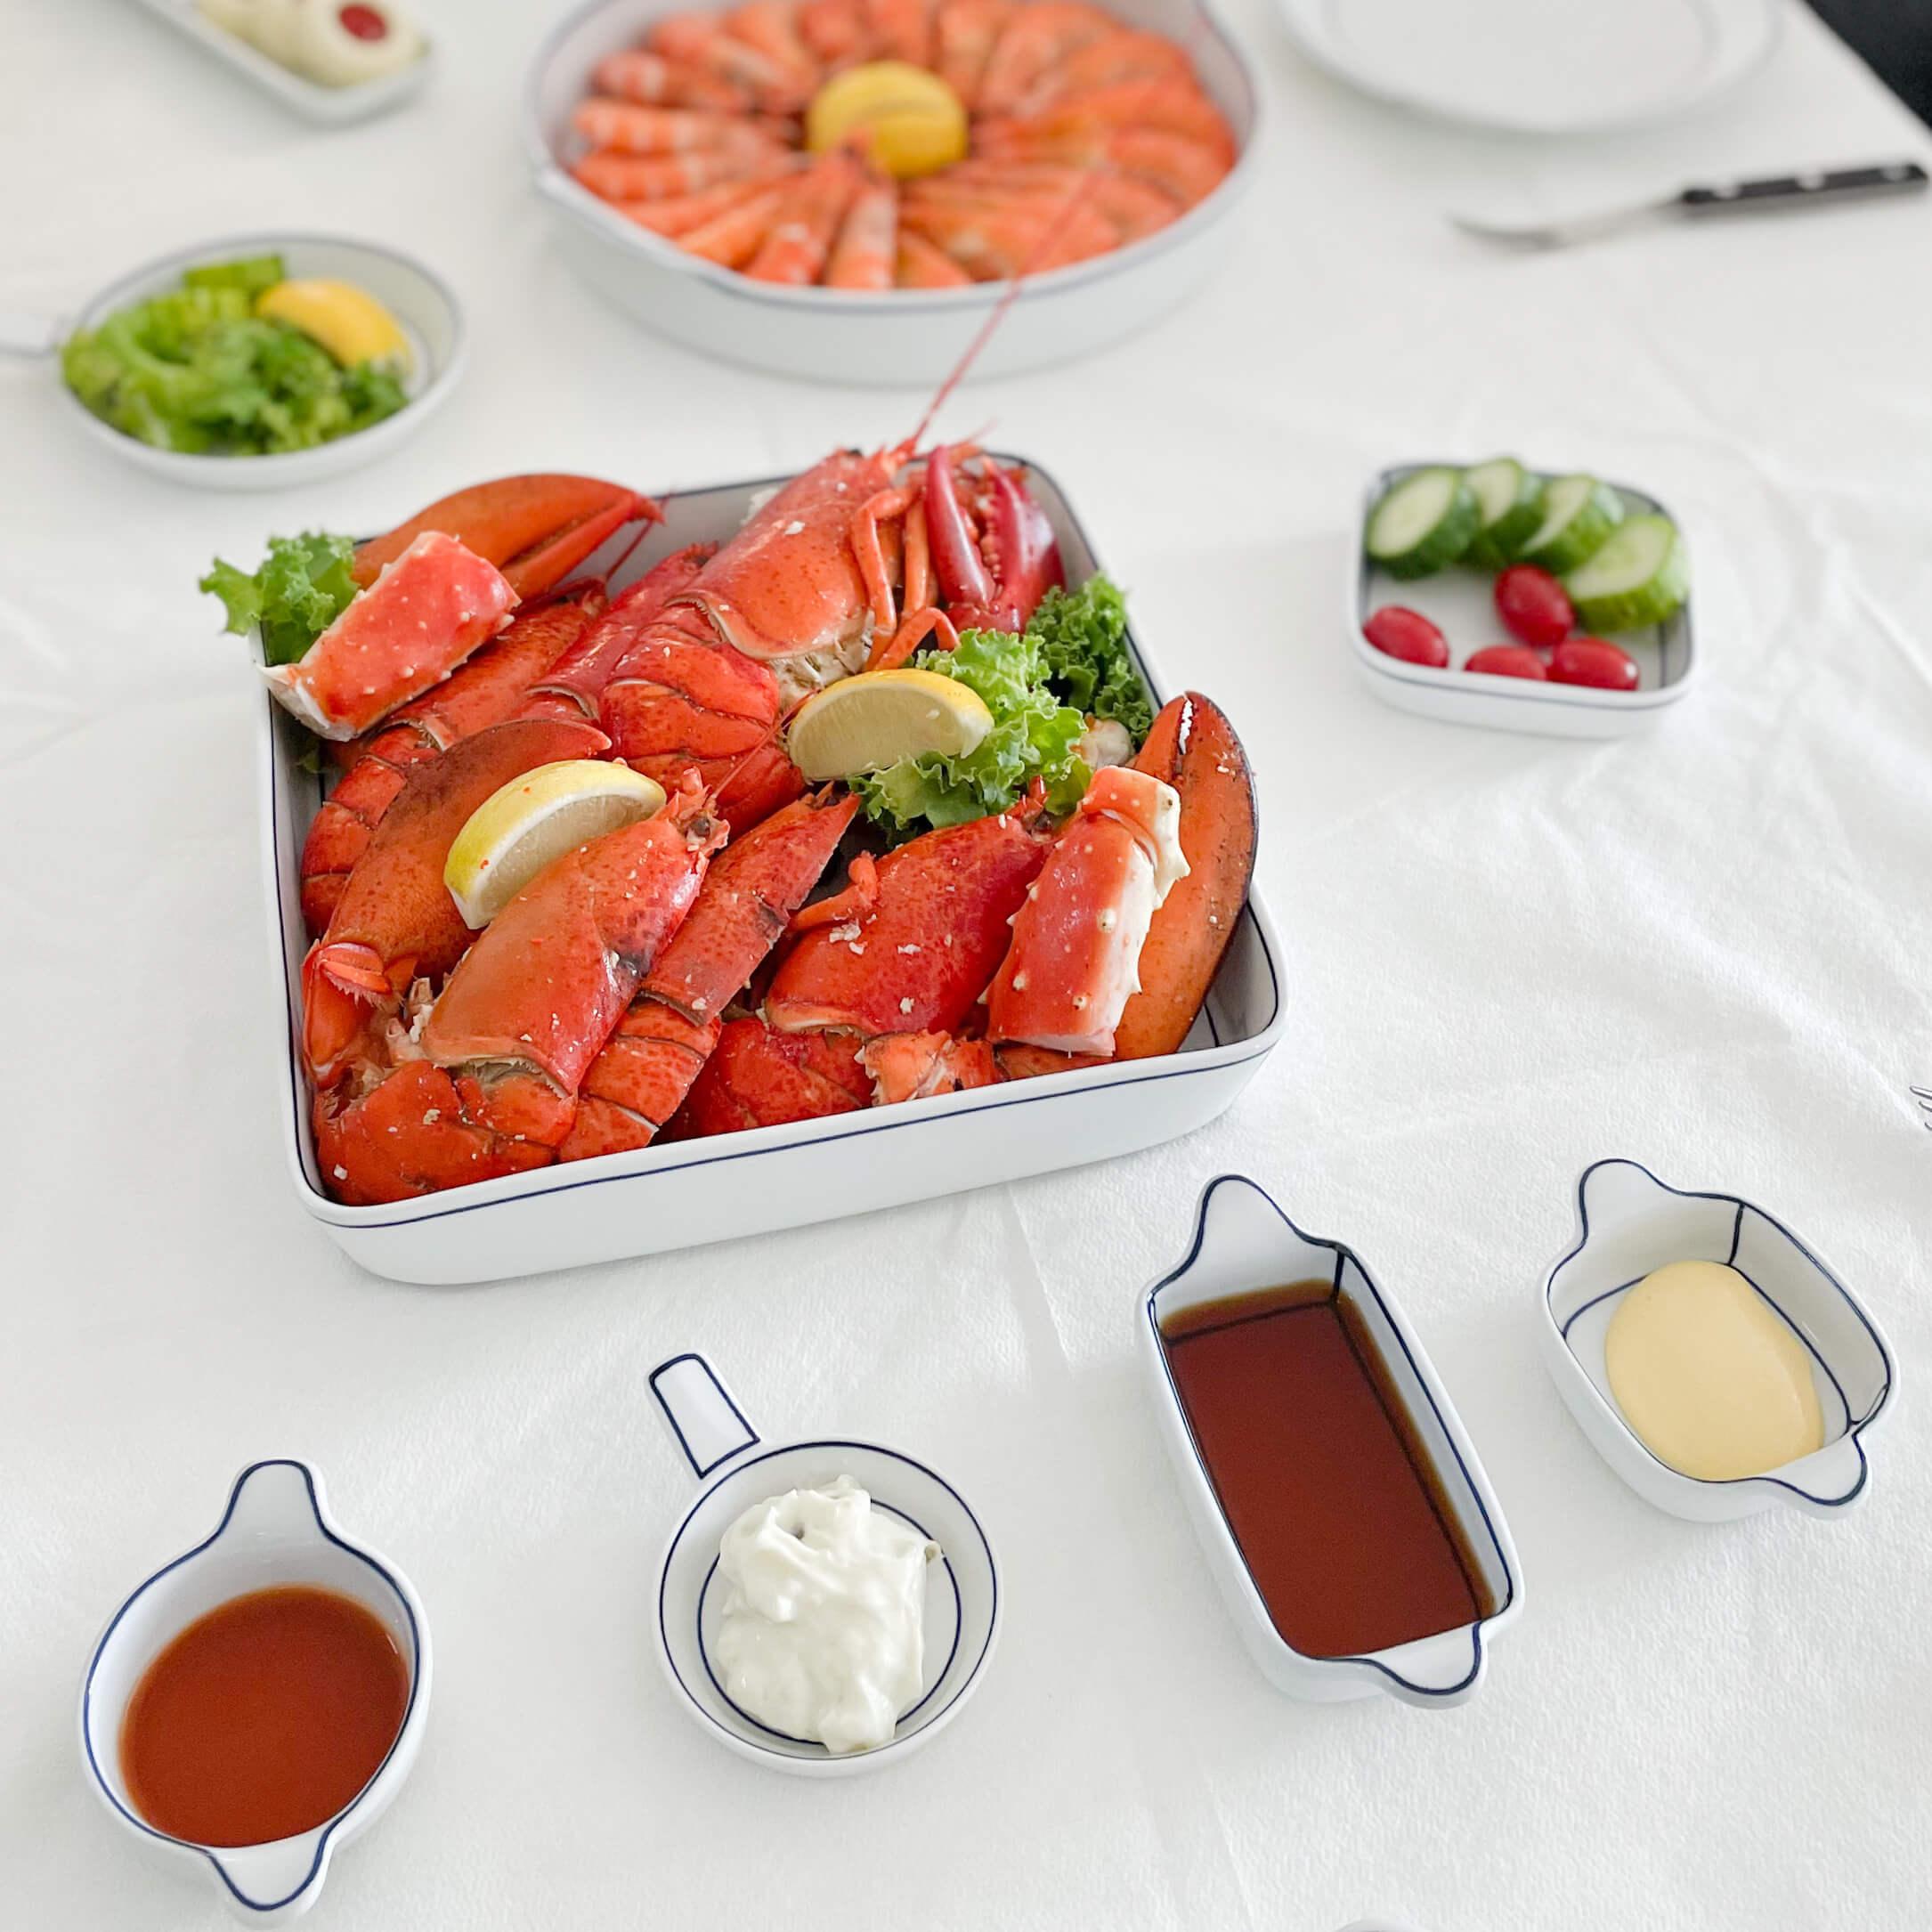 Blueline Kim seok Binn square plate